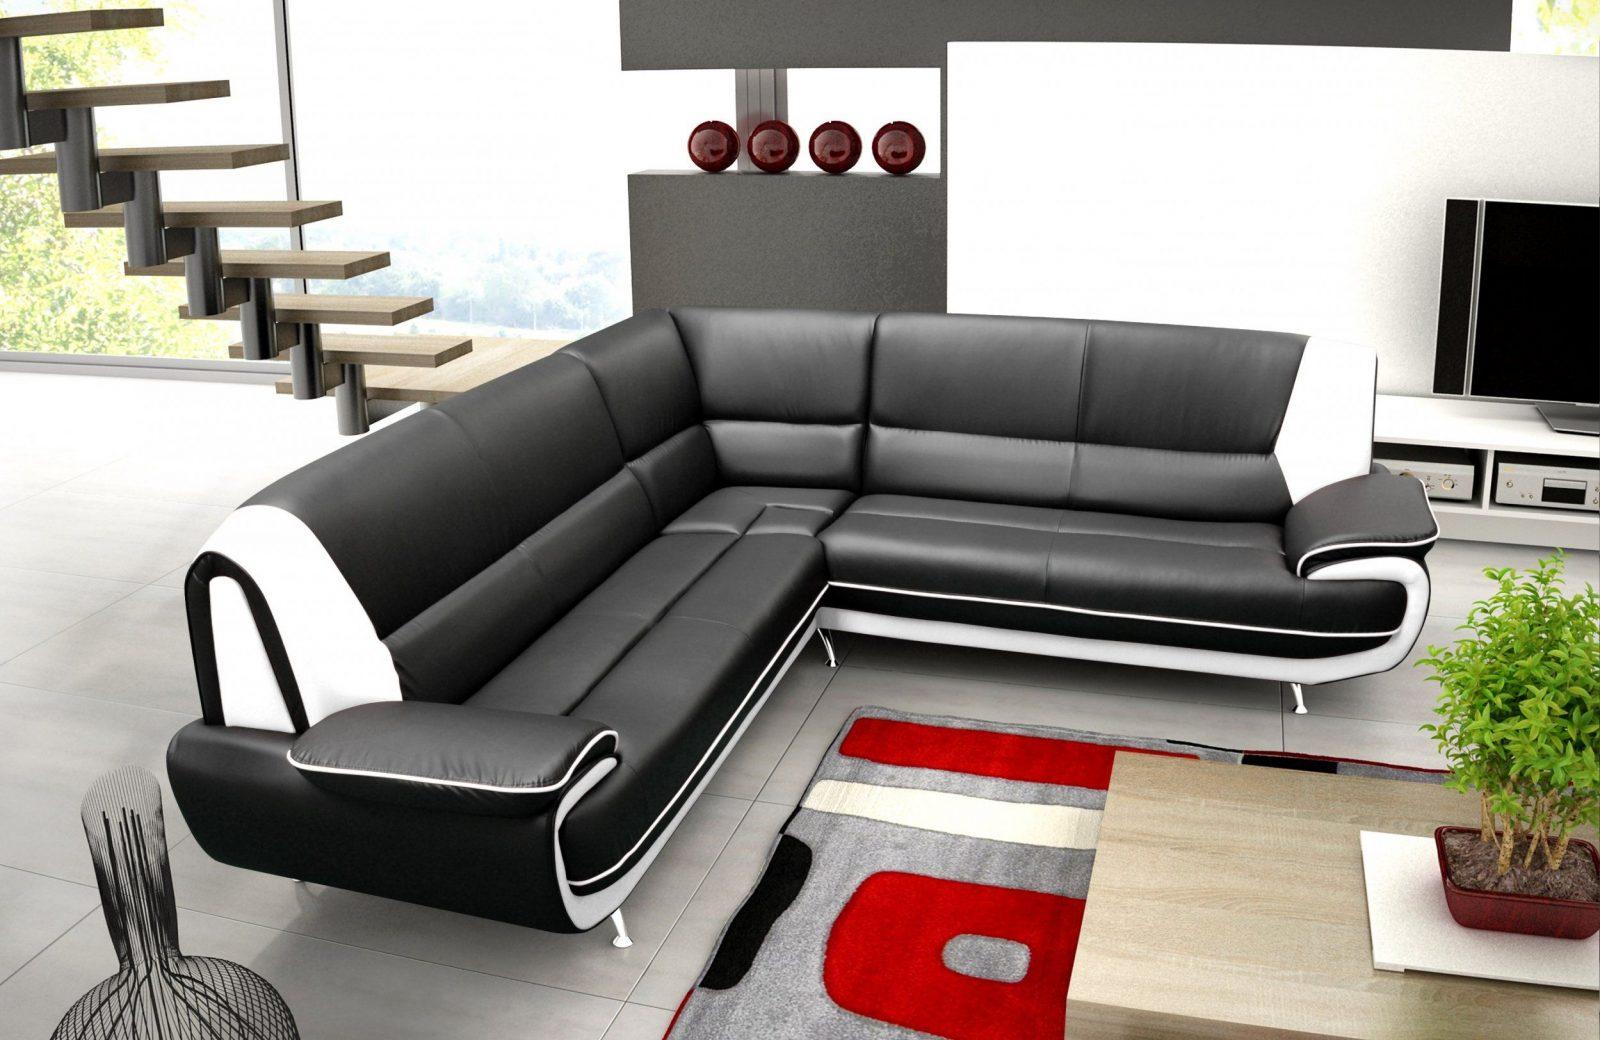 Amazing Idea Schwarz Weiß Sofa Weiss Leder Sofadecke Sofakissen von Sofa Schwarz Weiß Gestreift Photo